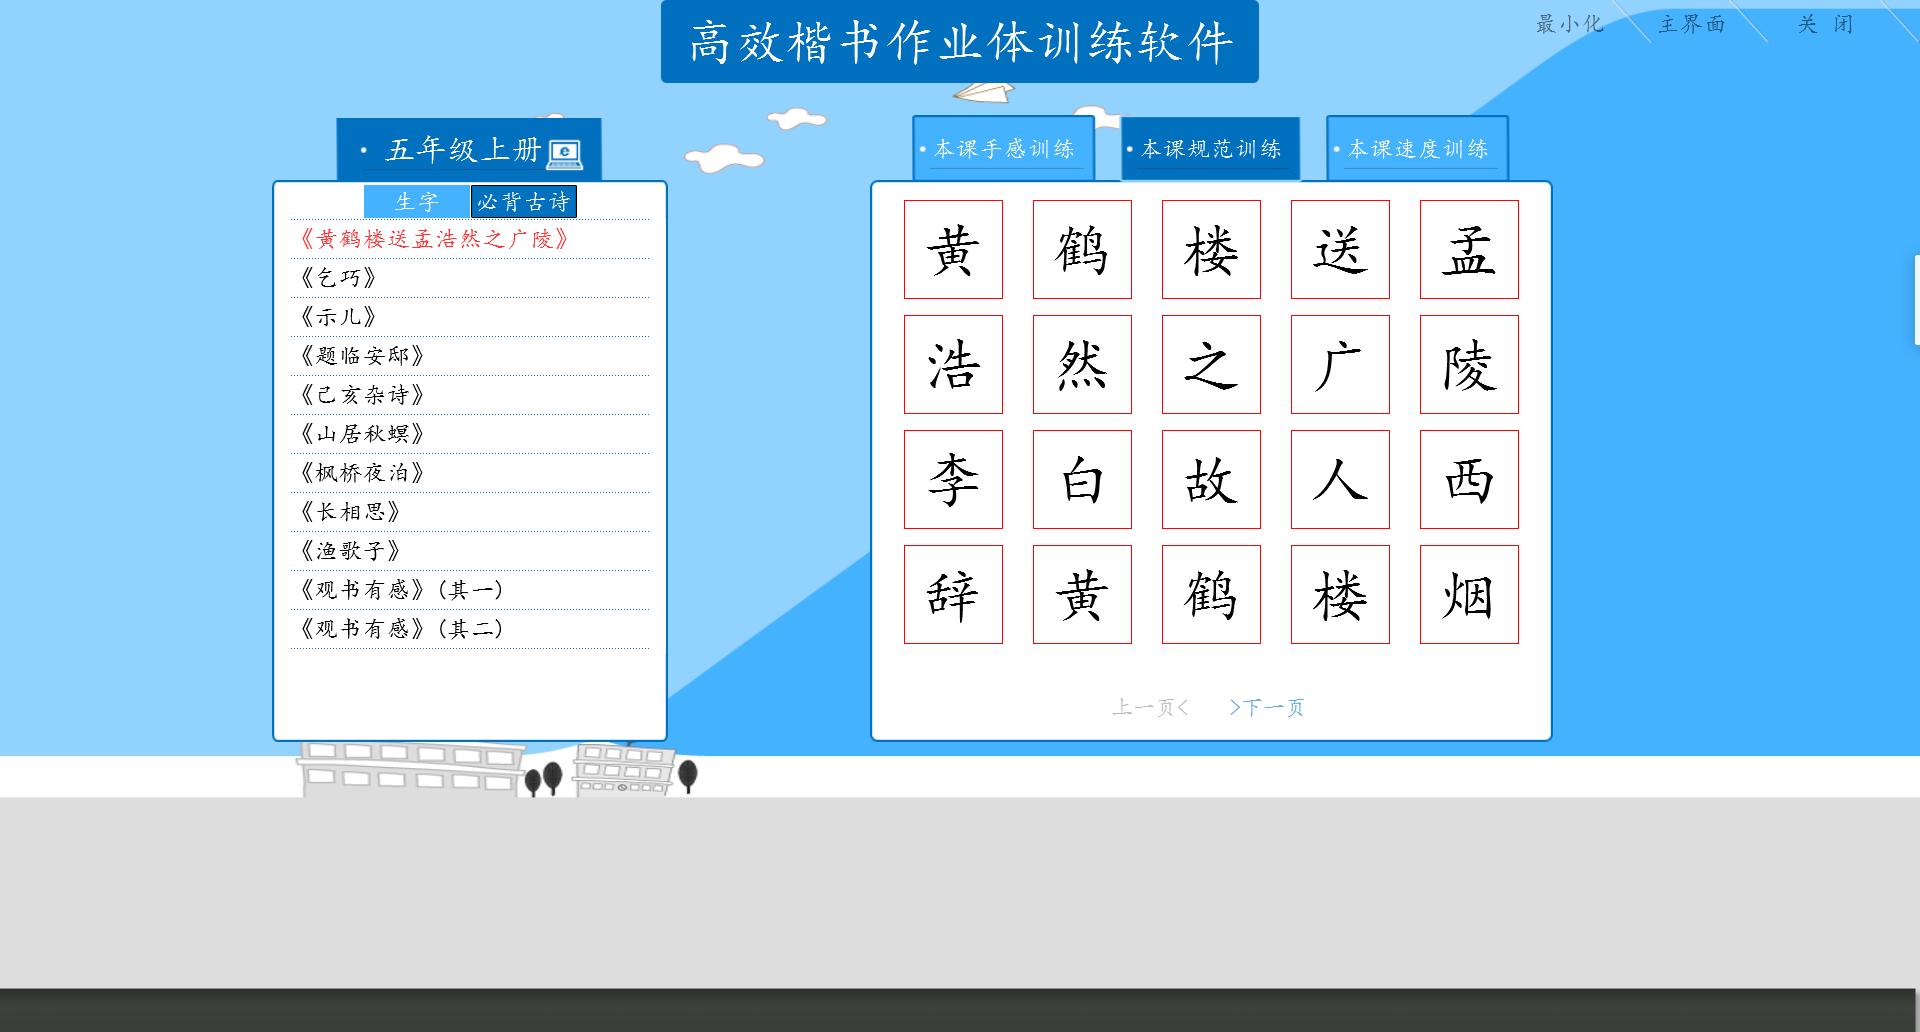 高效楷书作业体同步训练软件(五年级)截图3